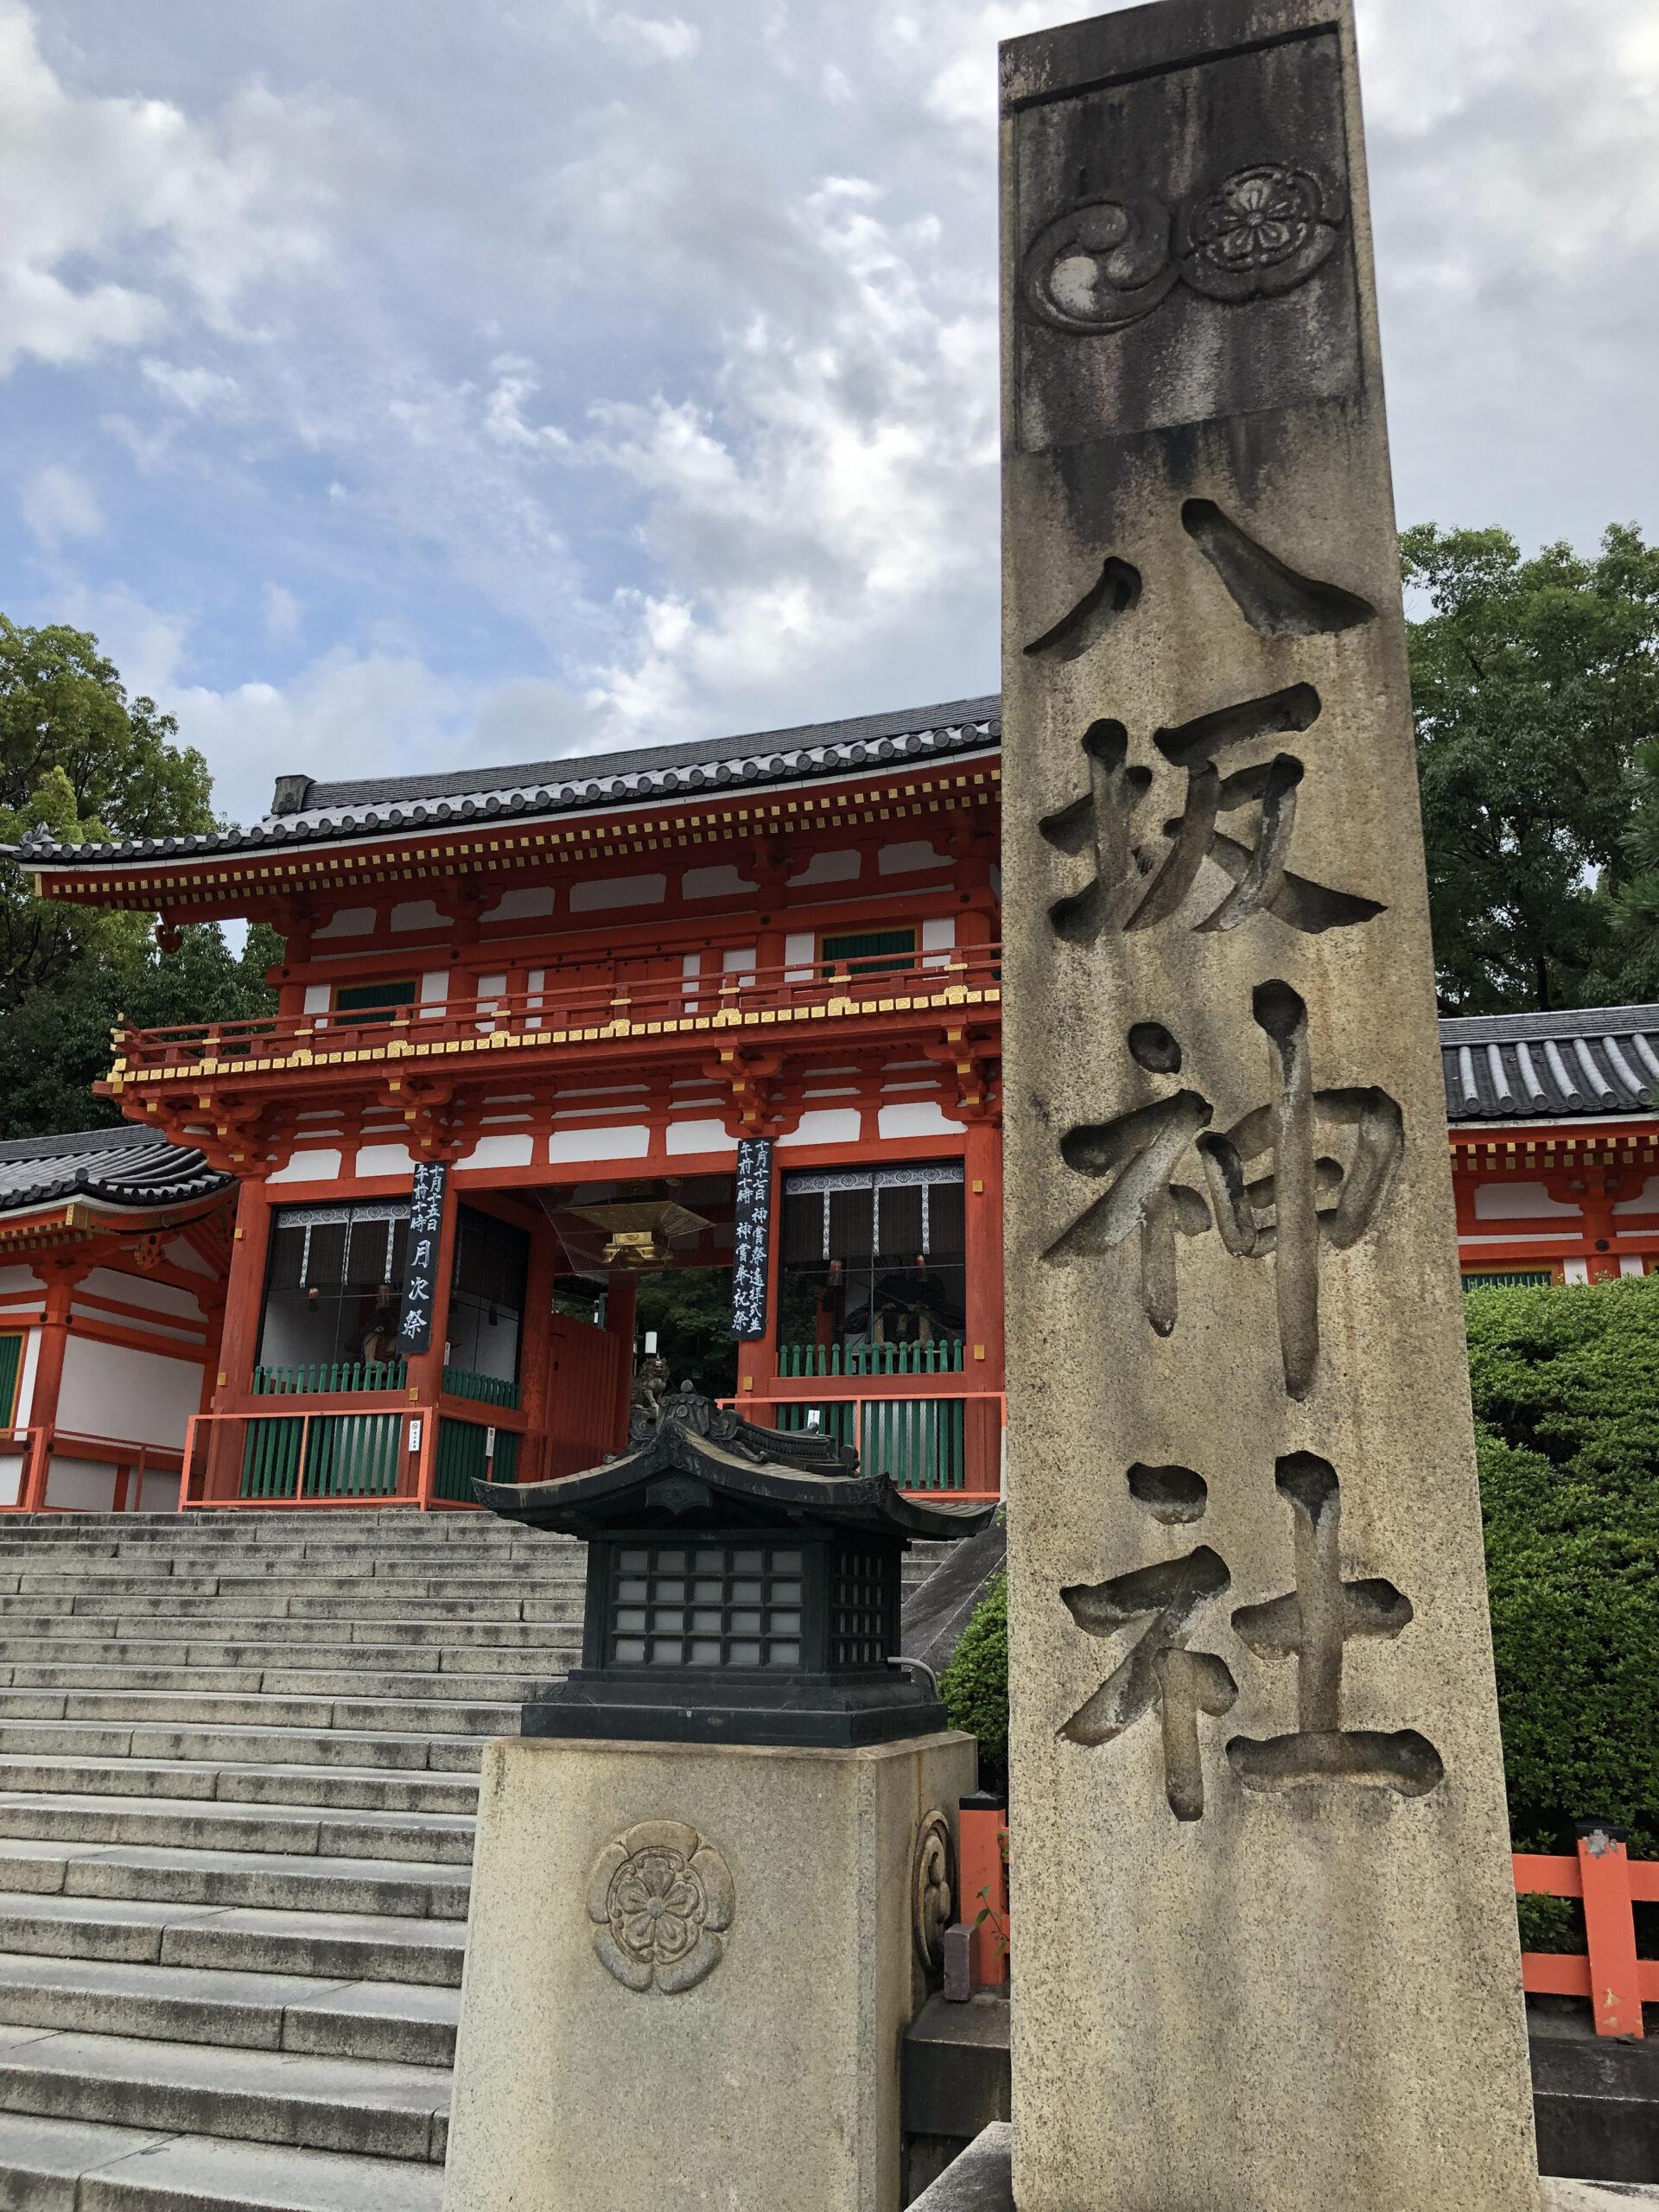 ちょっと京都の街を歩かない?